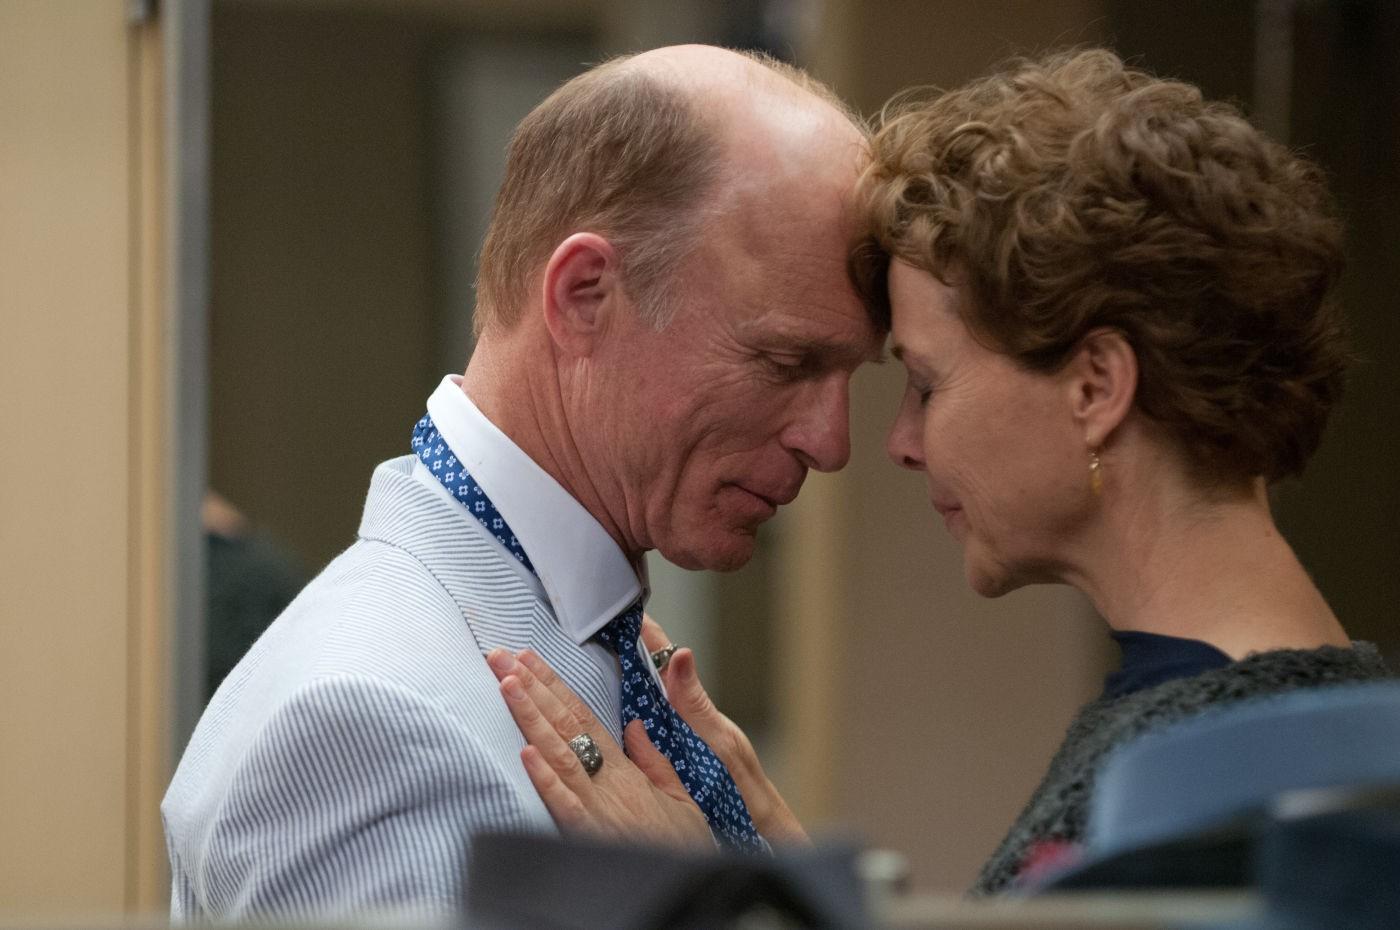 Stasera in TV, giovedì 7 agosto 2014: Superquark, The Face of love, In Onda